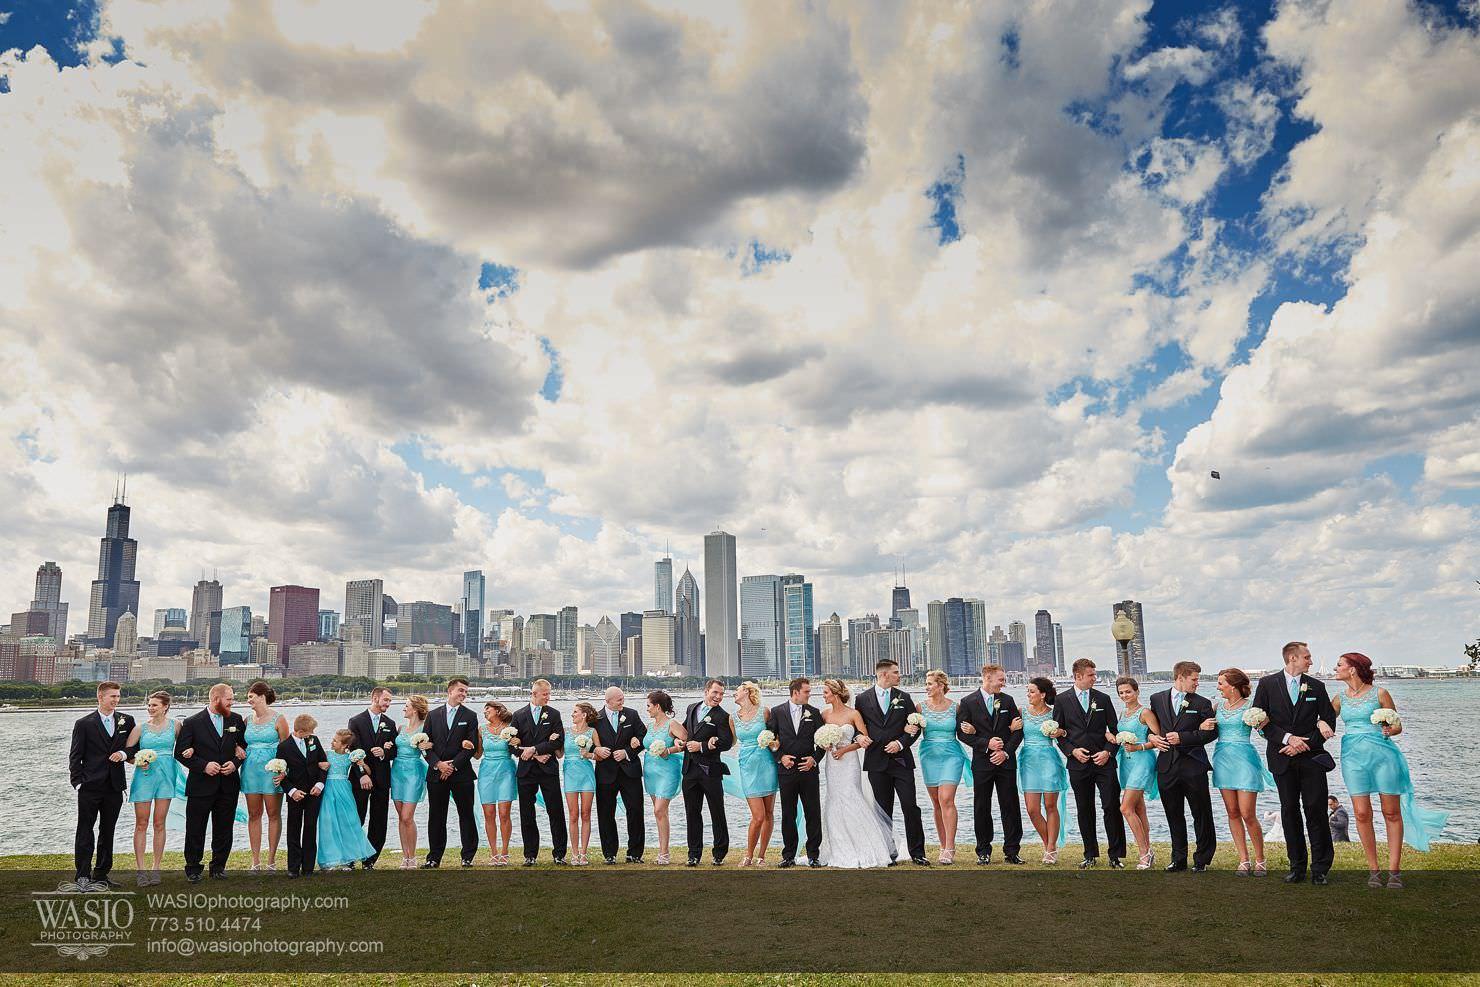 12_Chicago-Summer-Wedding_3P4C4091 Chicago Summer Wedding - Angelica & Pawel